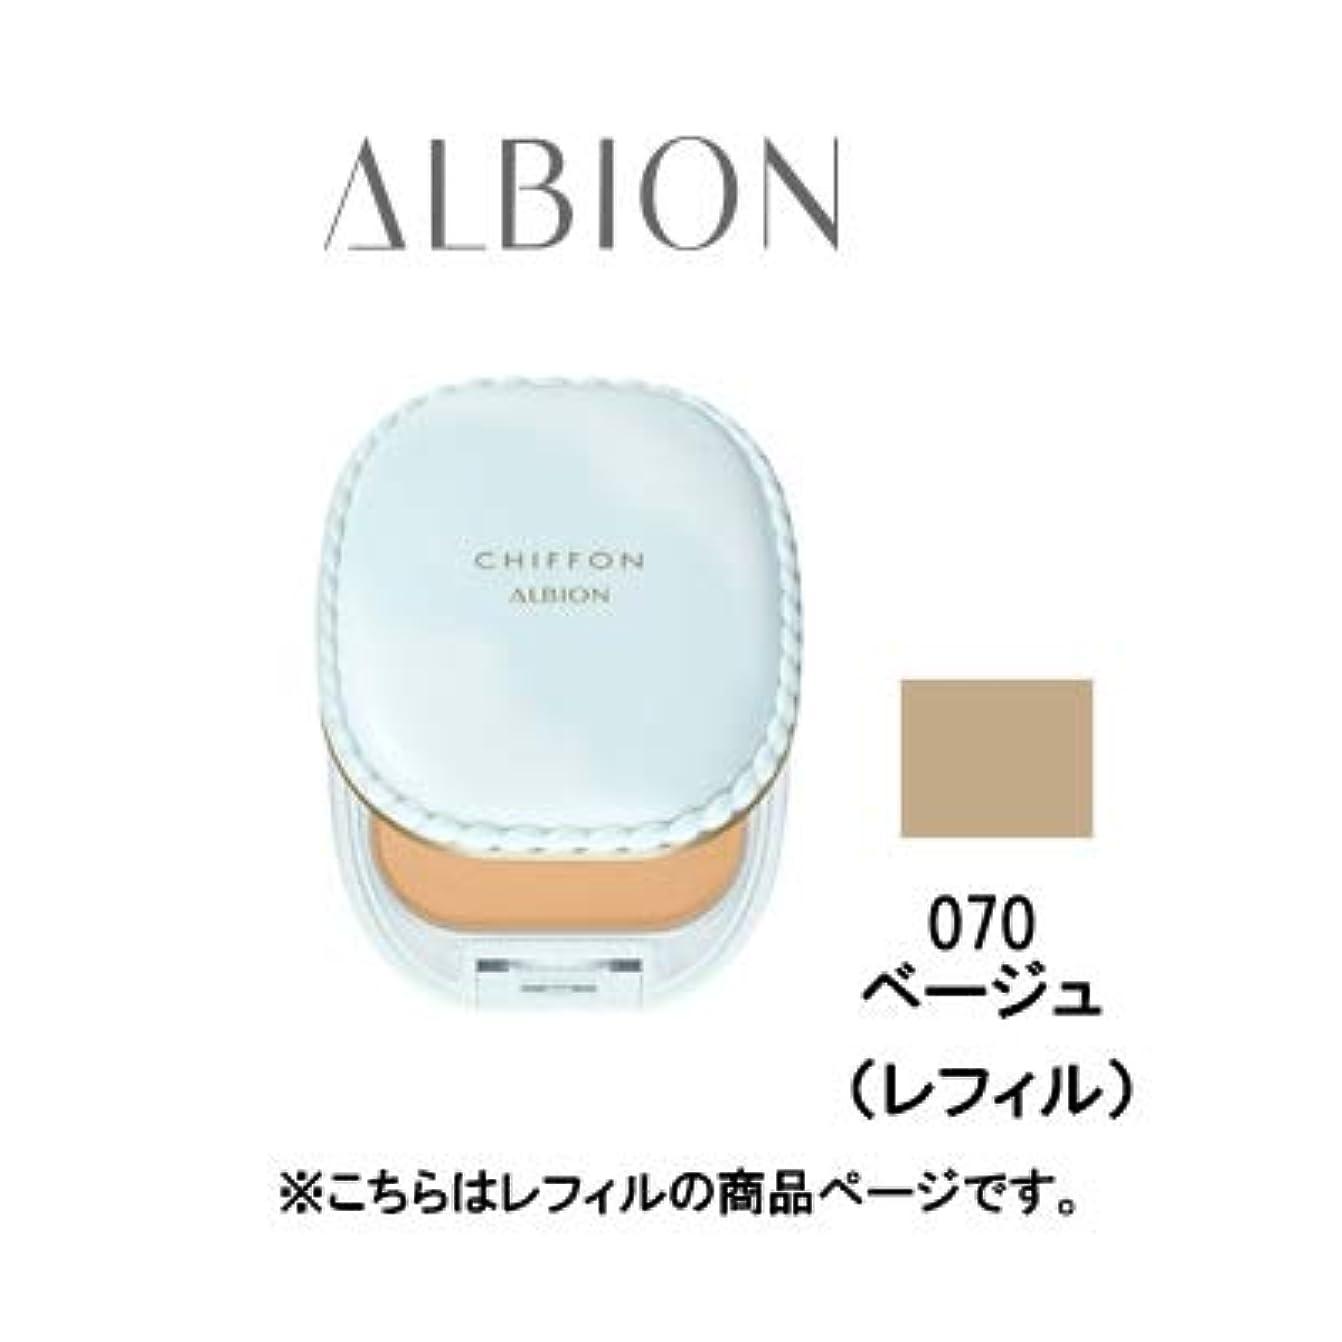 花束引き潮アピールアルビオン スノー ホワイト シフォン 070 レフィル 10g SPF25 PA++ ALBION